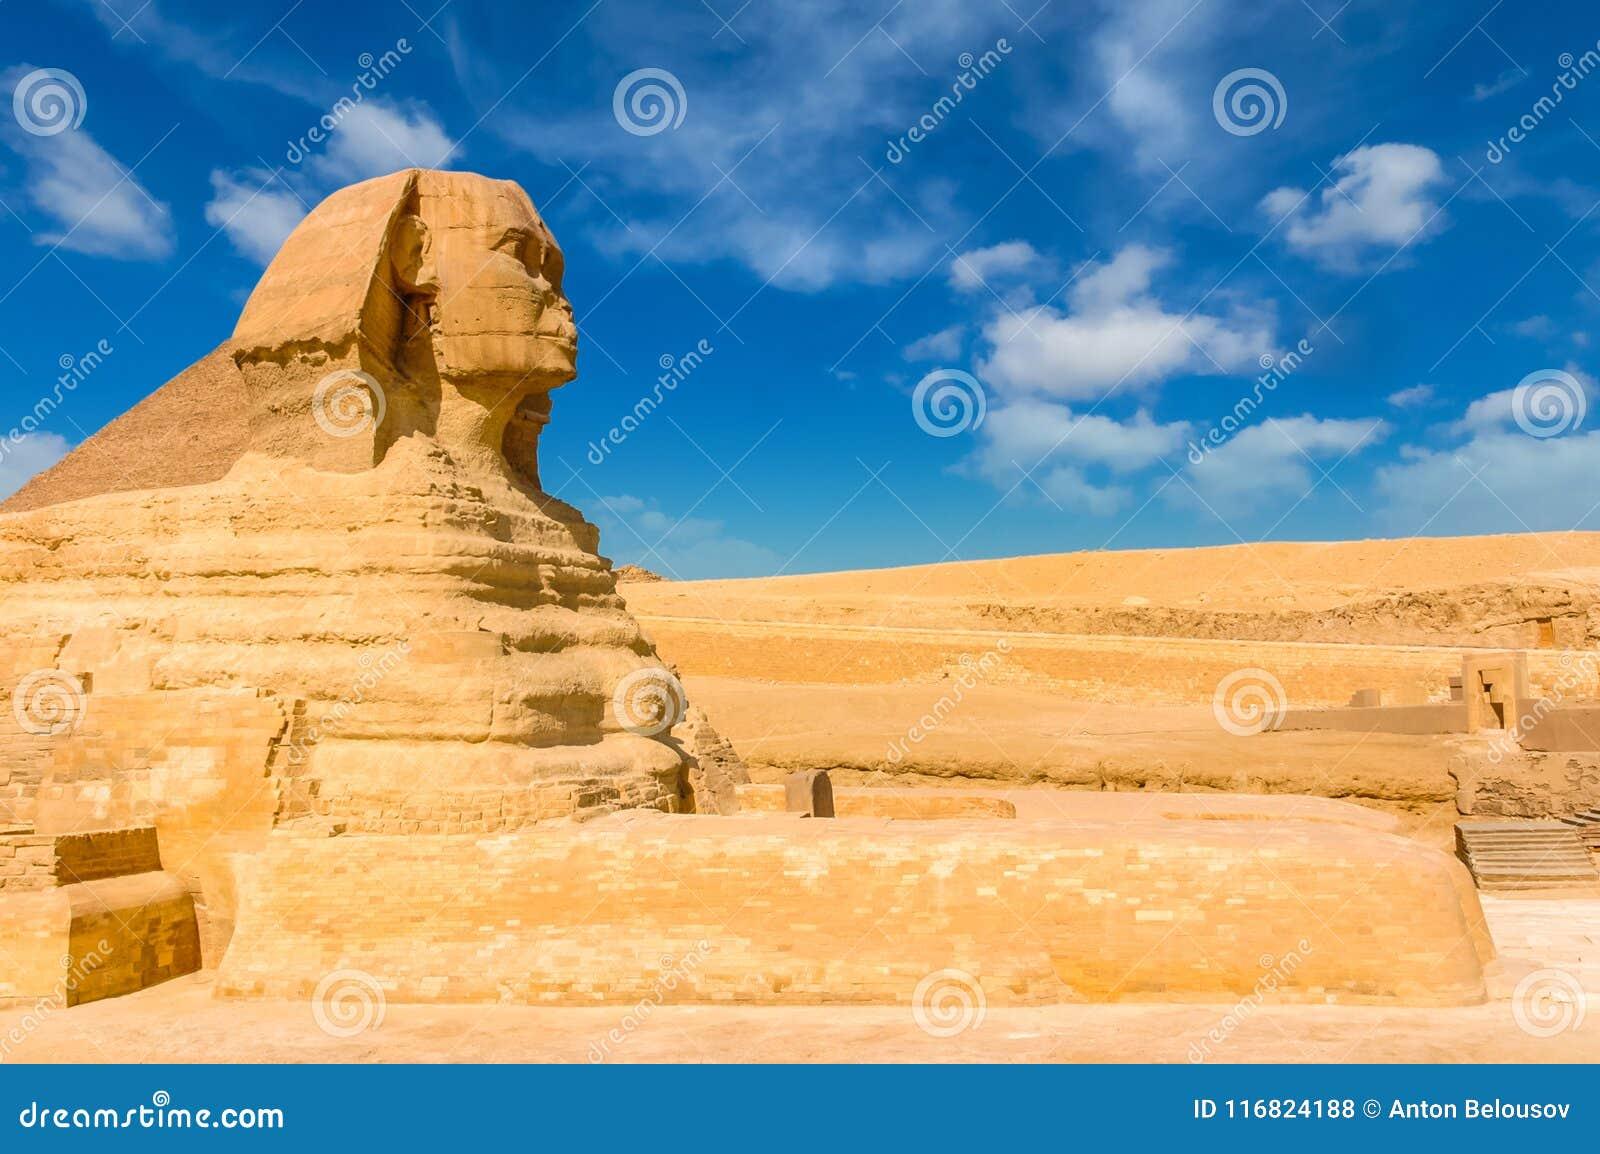 Egyptisk sphinx cairo giza egypt bakgrund mer mitt portföljlopp Architec